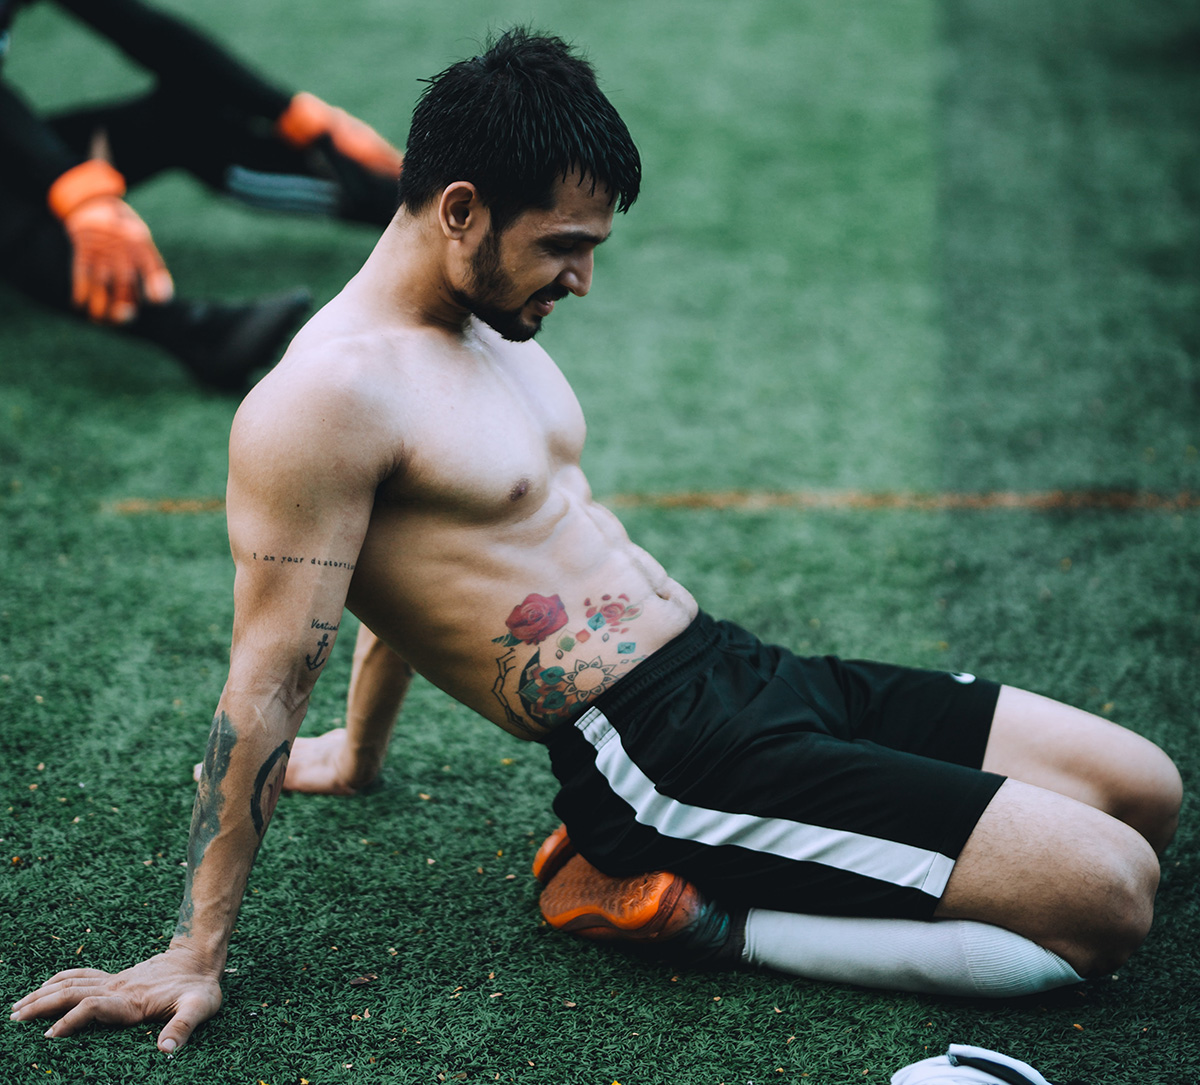 Hur din hållning påverkar din prestation och skaderisk